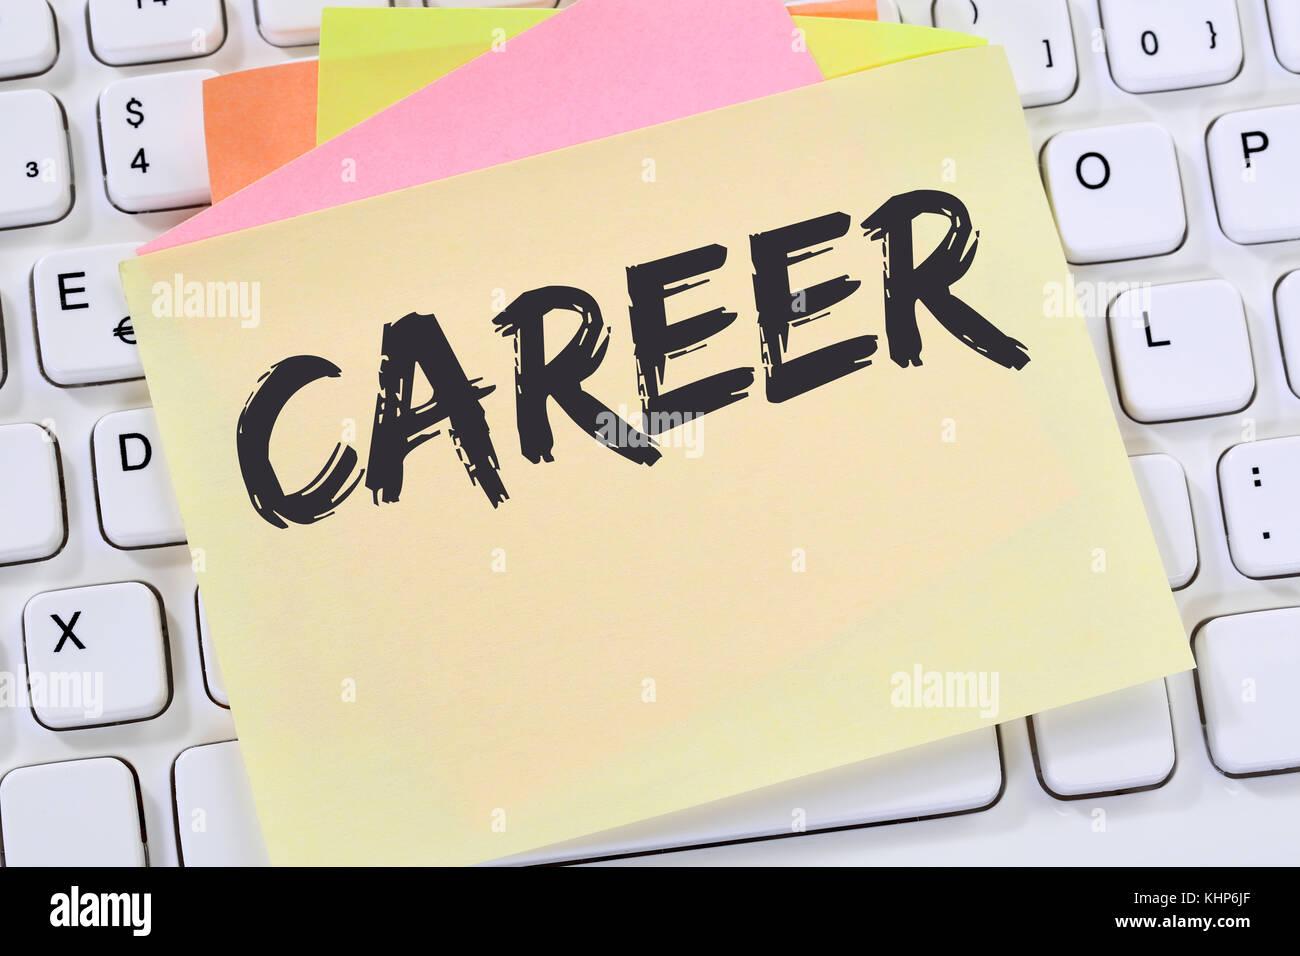 Karriere Ziele Erfolg und Entwicklung beachten Sie Papier Business Konzept computer Tastatur Stockbild